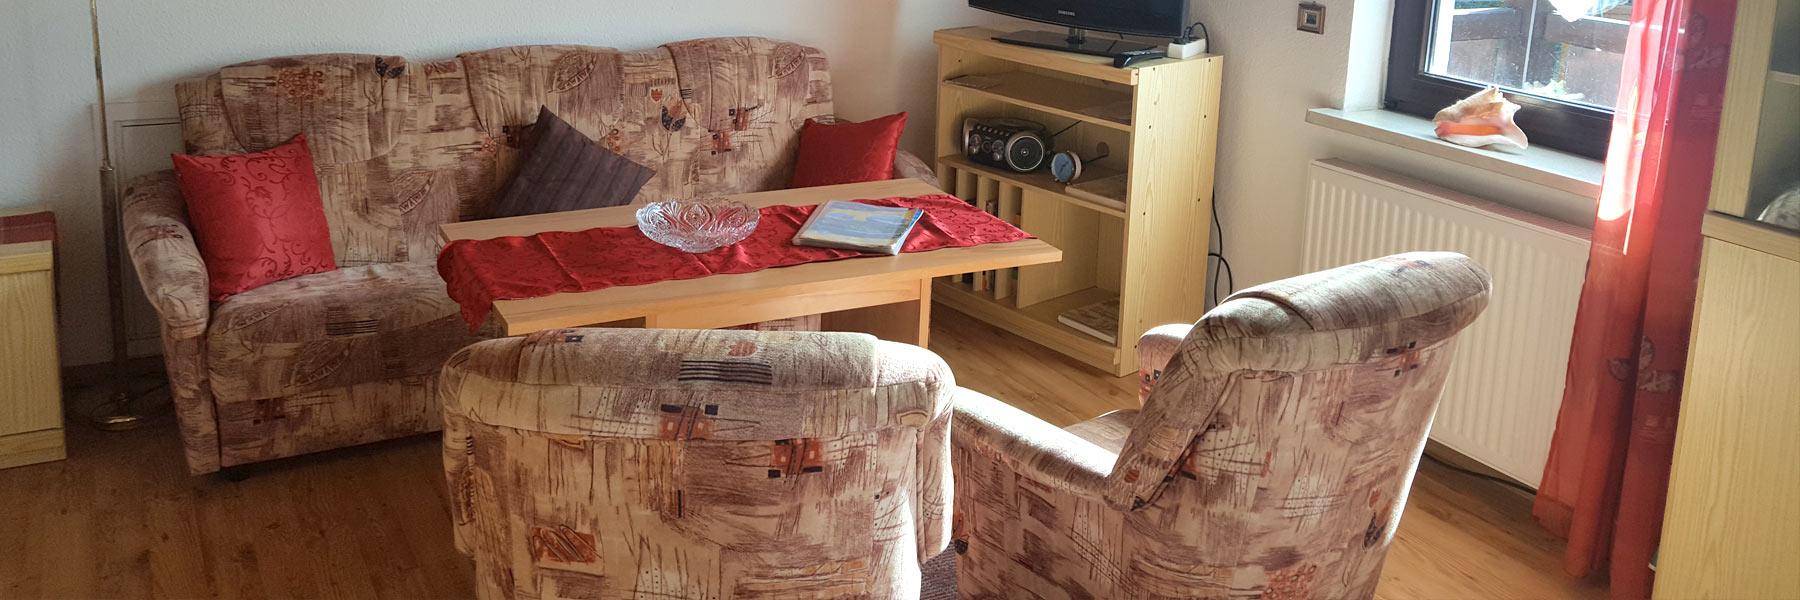 Fewo2-Wohnzimmer - Ferienwohnungen Elise Boß